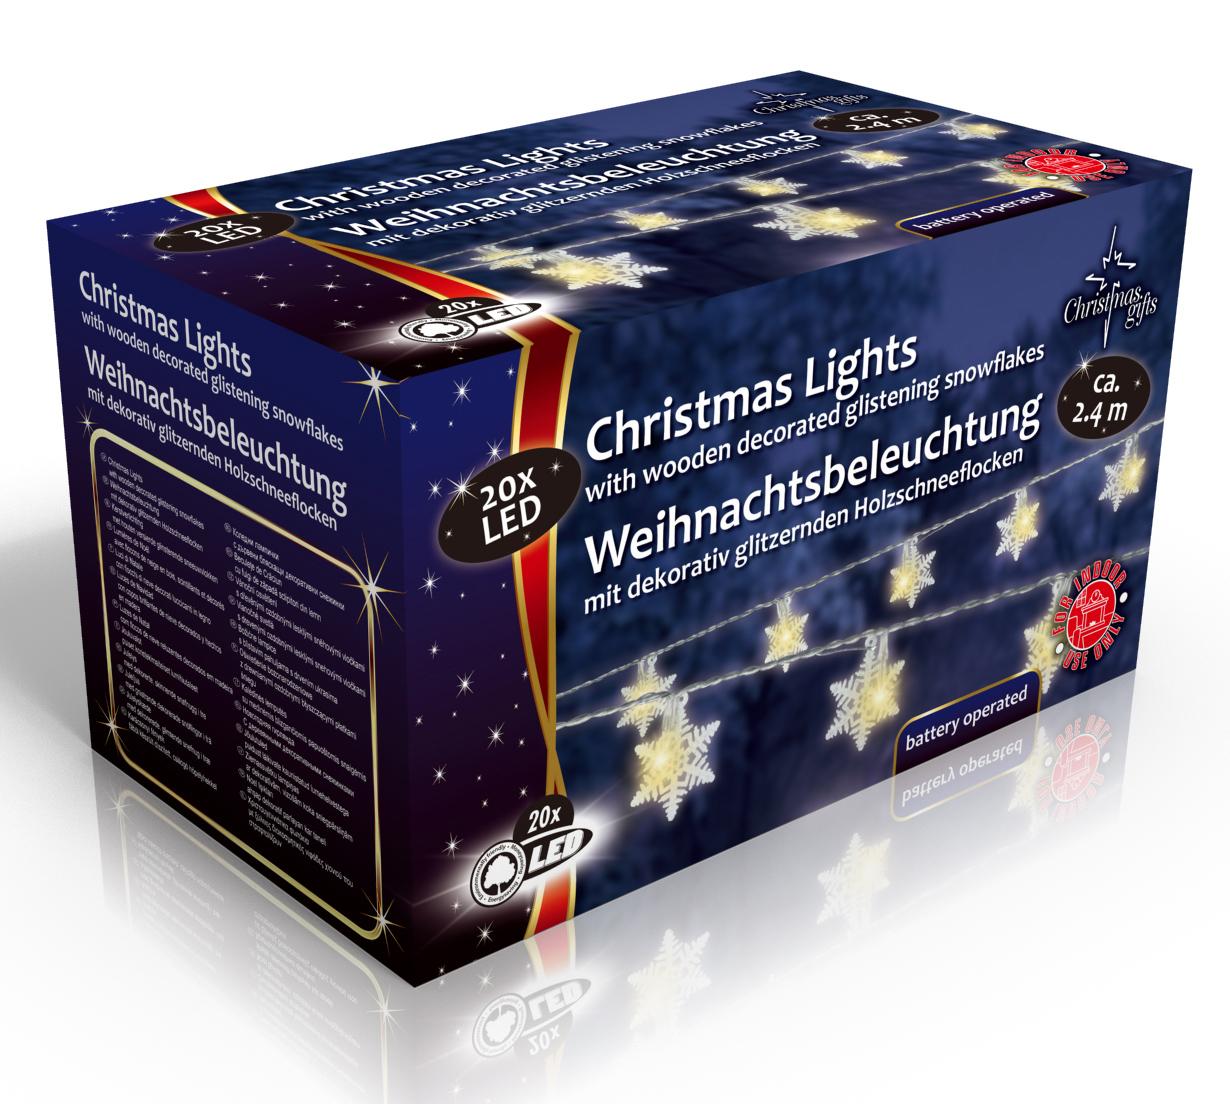 Vánoční vnitřní světelný řetěz 20x LED sněhové vločky, na baterie 3x AA, délka 2.4 m